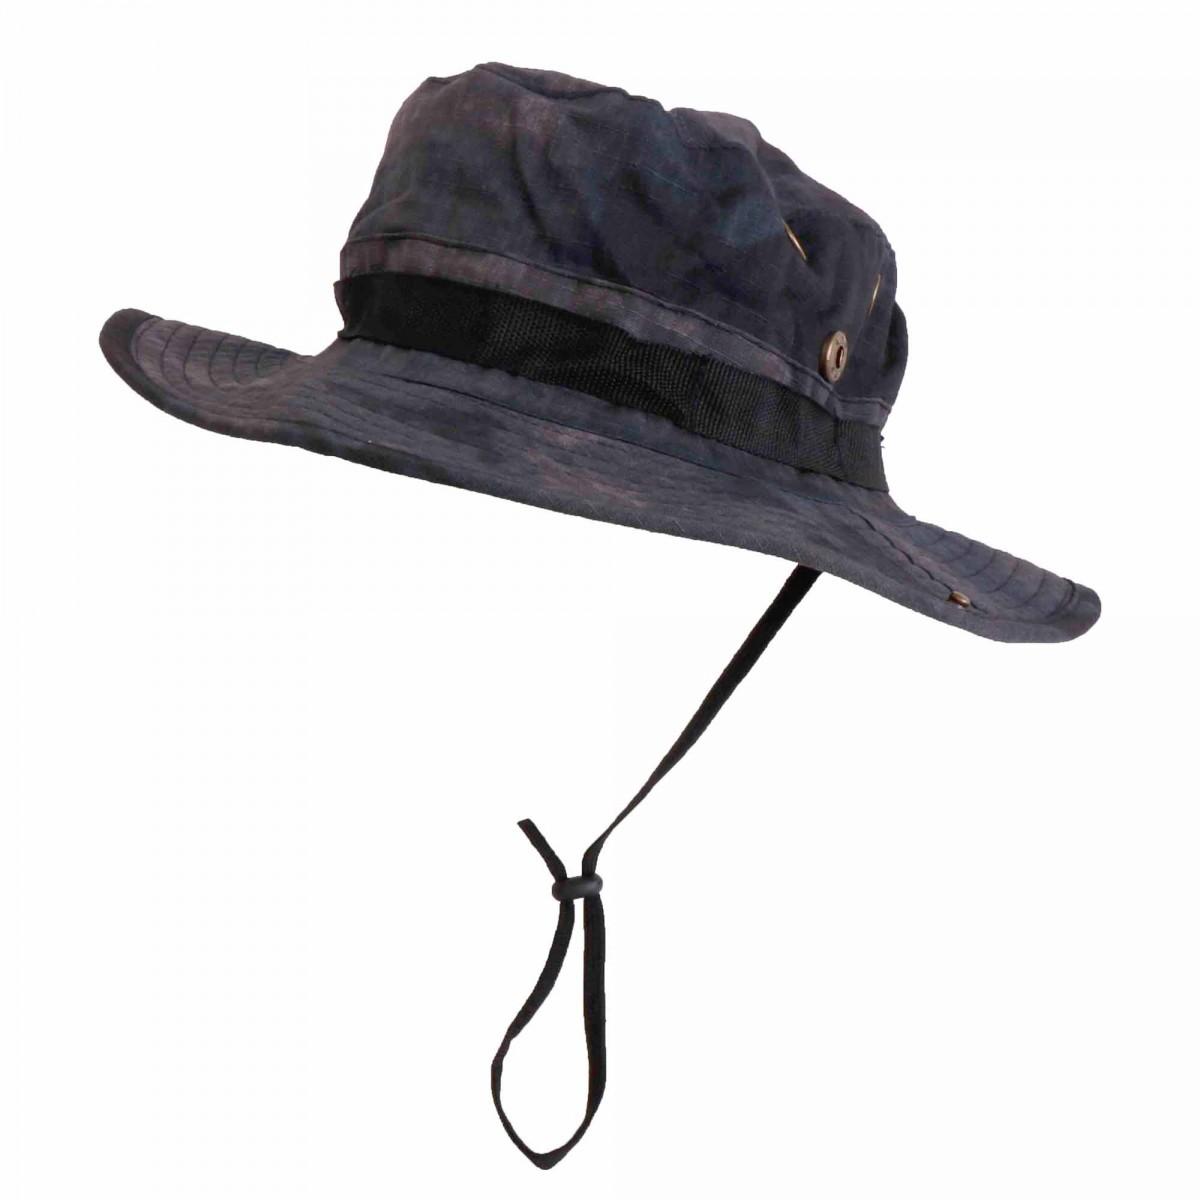 ブーニーハット  ジャングルハットA-TACS LE フリーサイズ 帽子